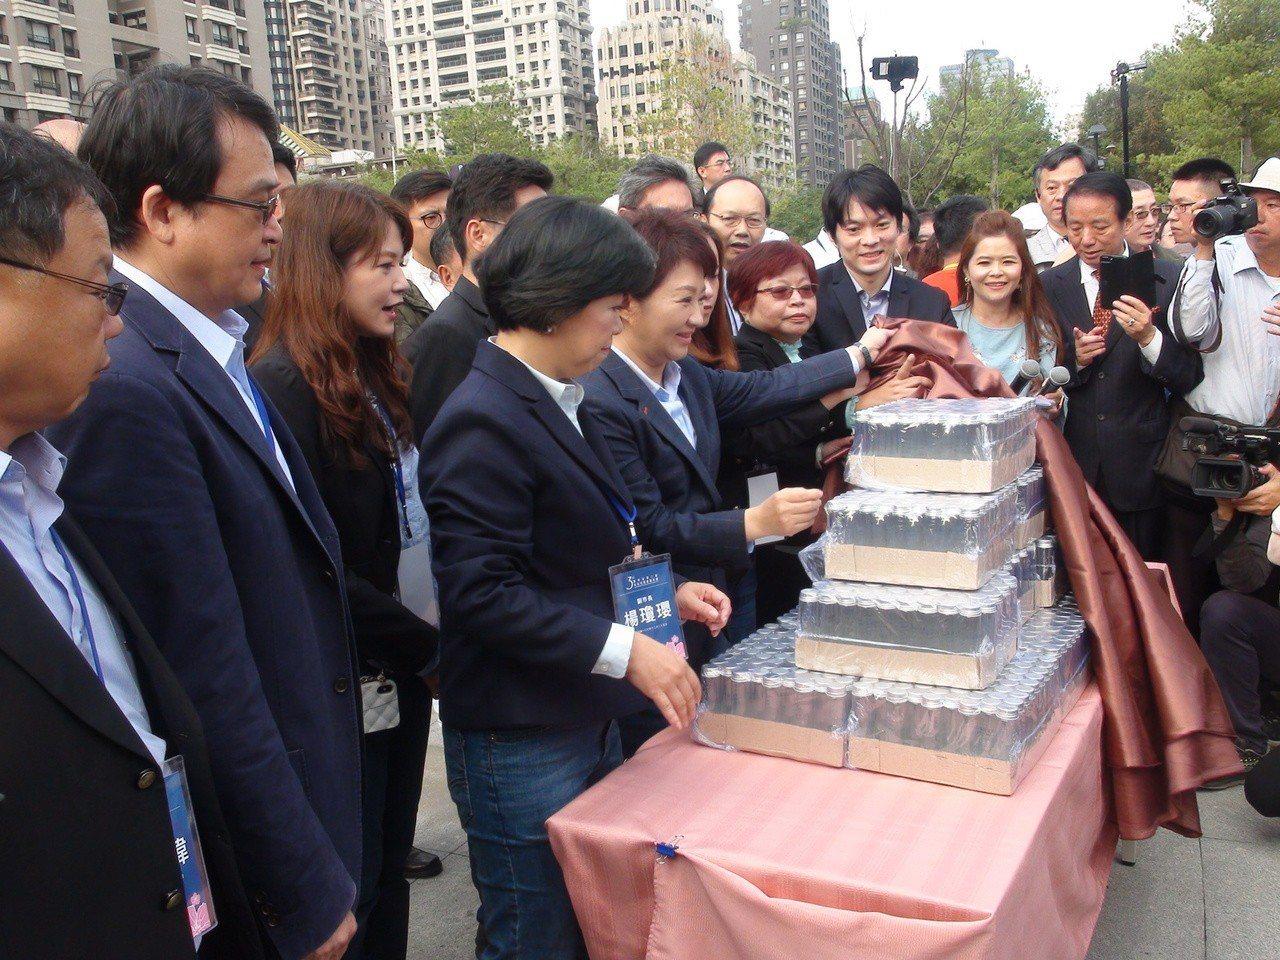 台中市長盧秀燕今天就職典禮,會後送出紀念品是一瓶從谷關採集來的新鮮空氣,現場發送...